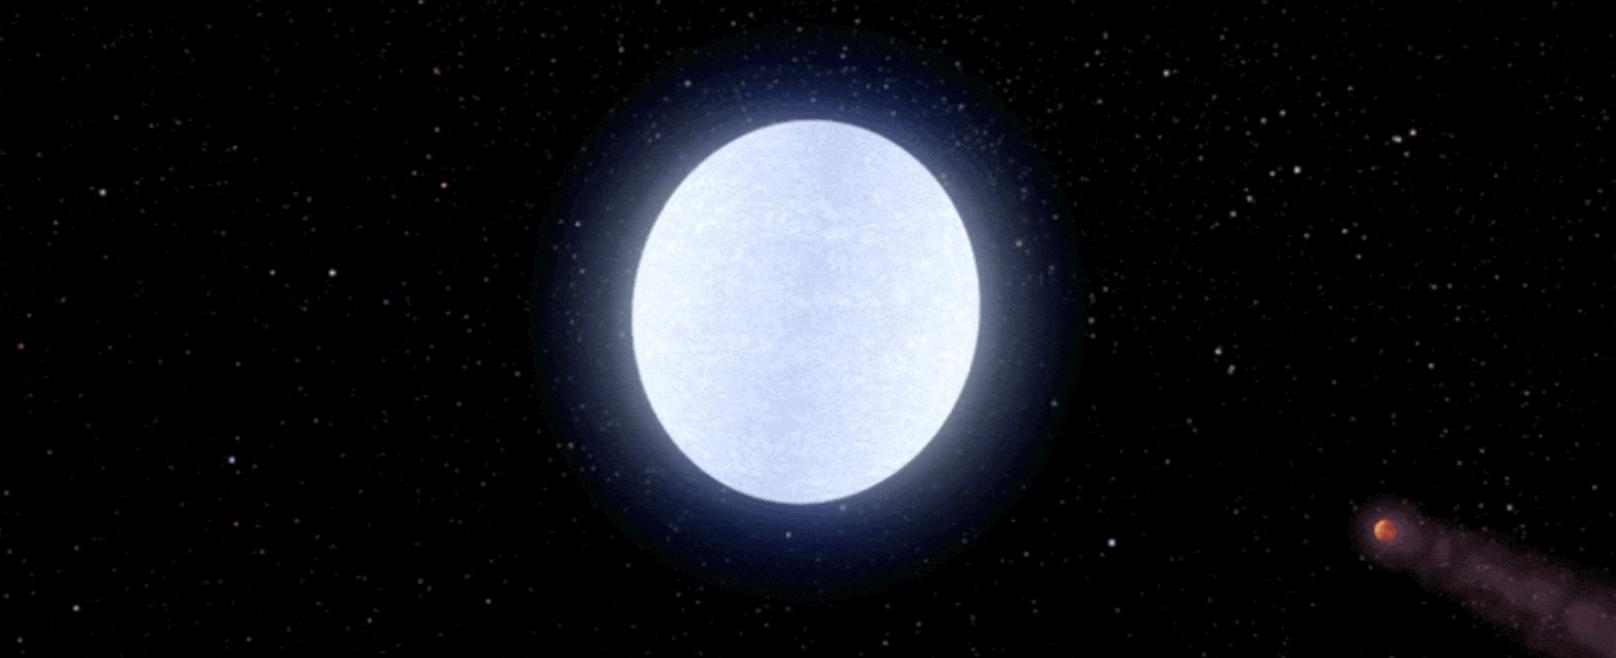 Este exoplaneta es tan caliente que rompe las moléculas de su propia atmósfera